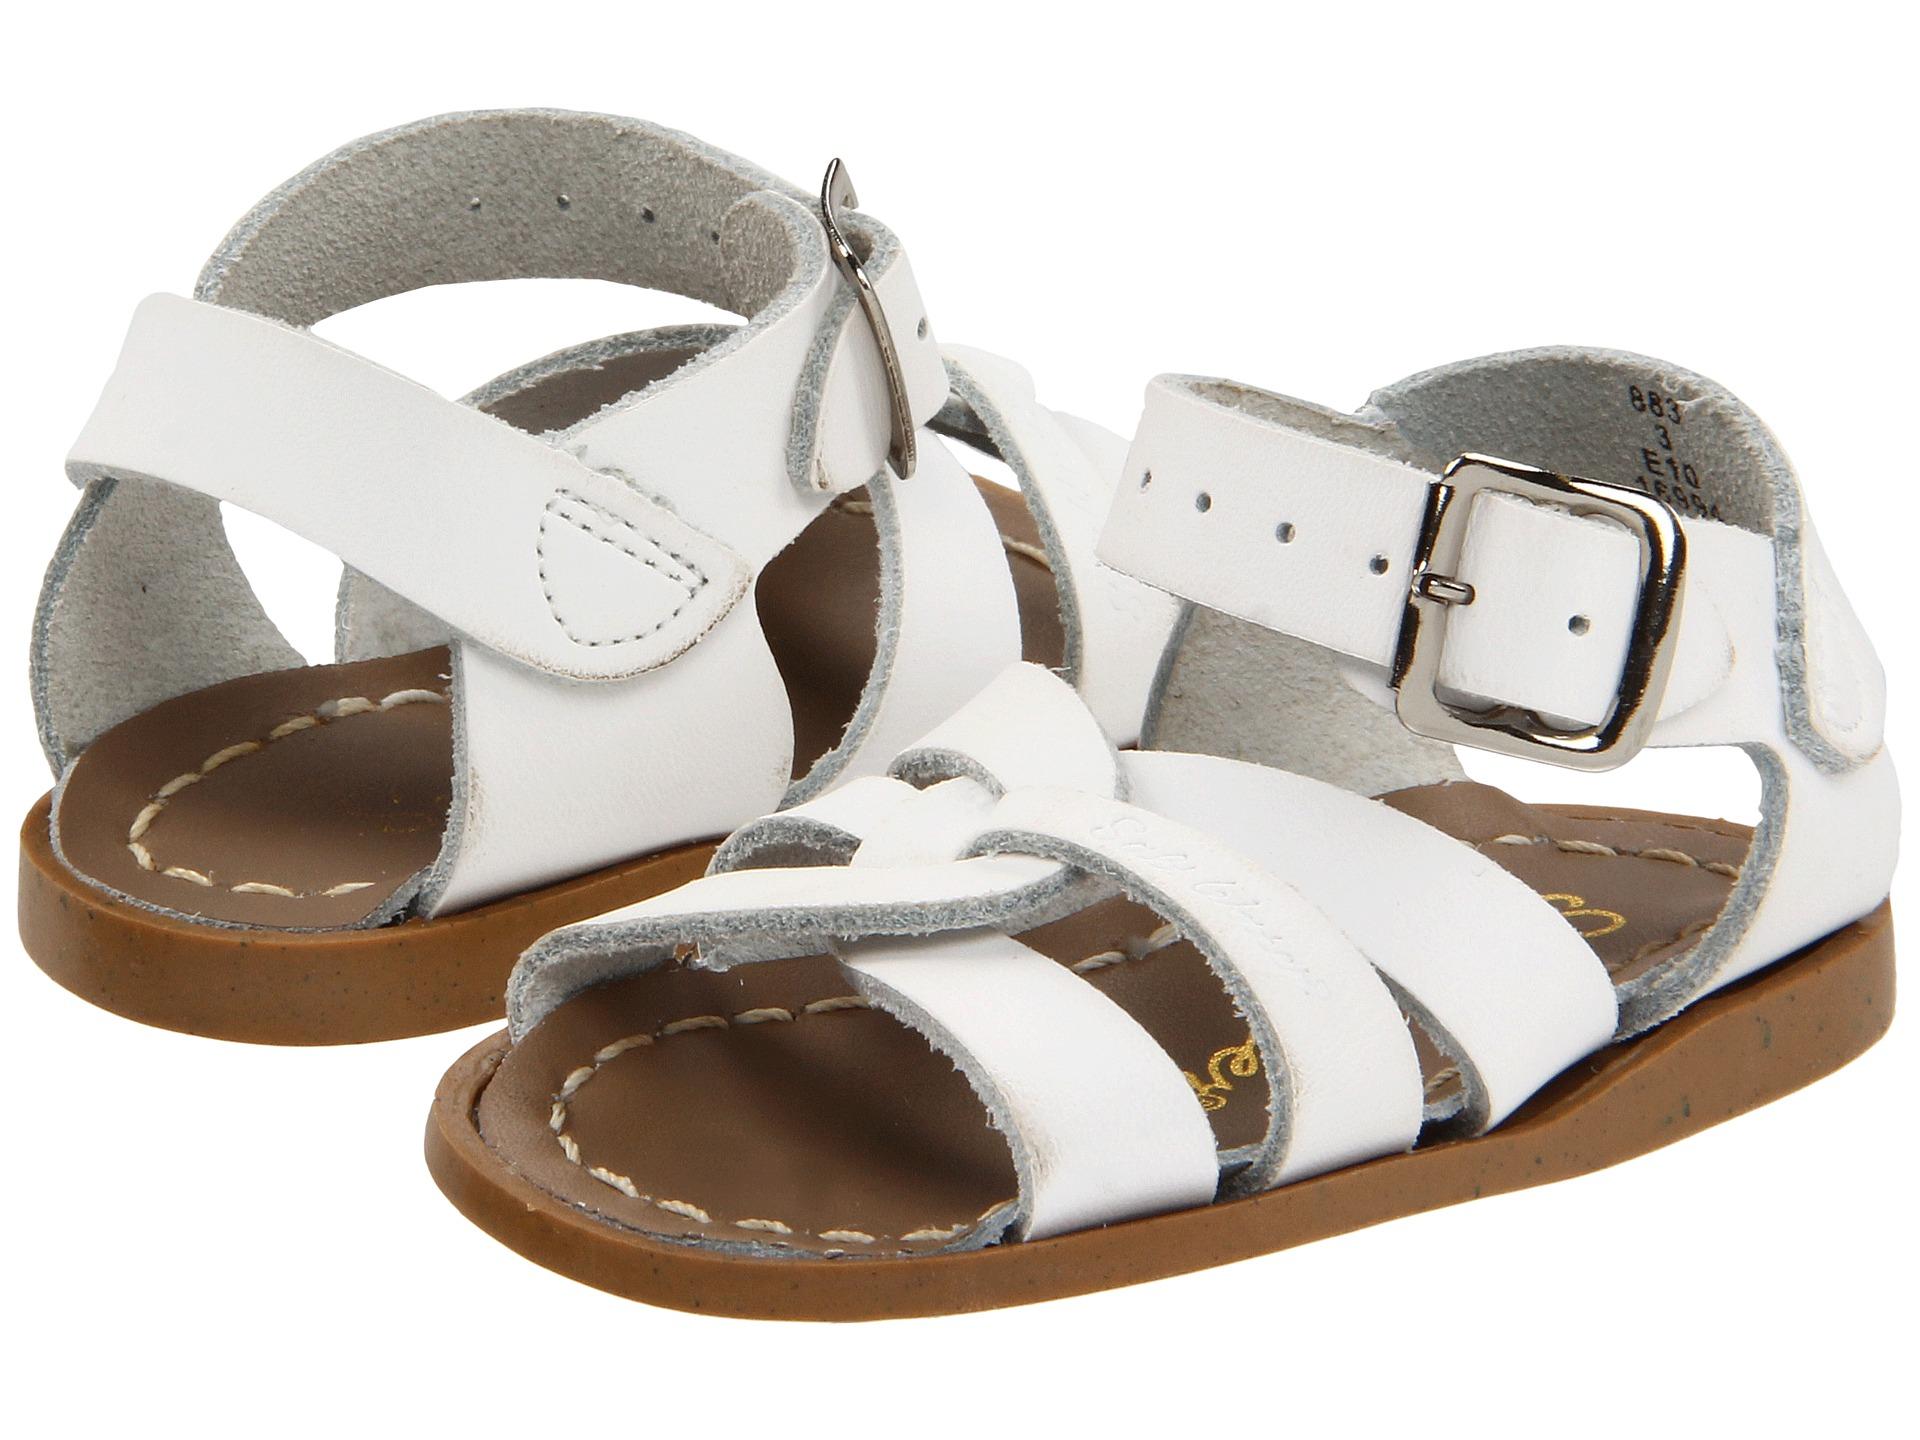 salt water sandal by hoy shoes the original sandal infant toddler at. Black Bedroom Furniture Sets. Home Design Ideas